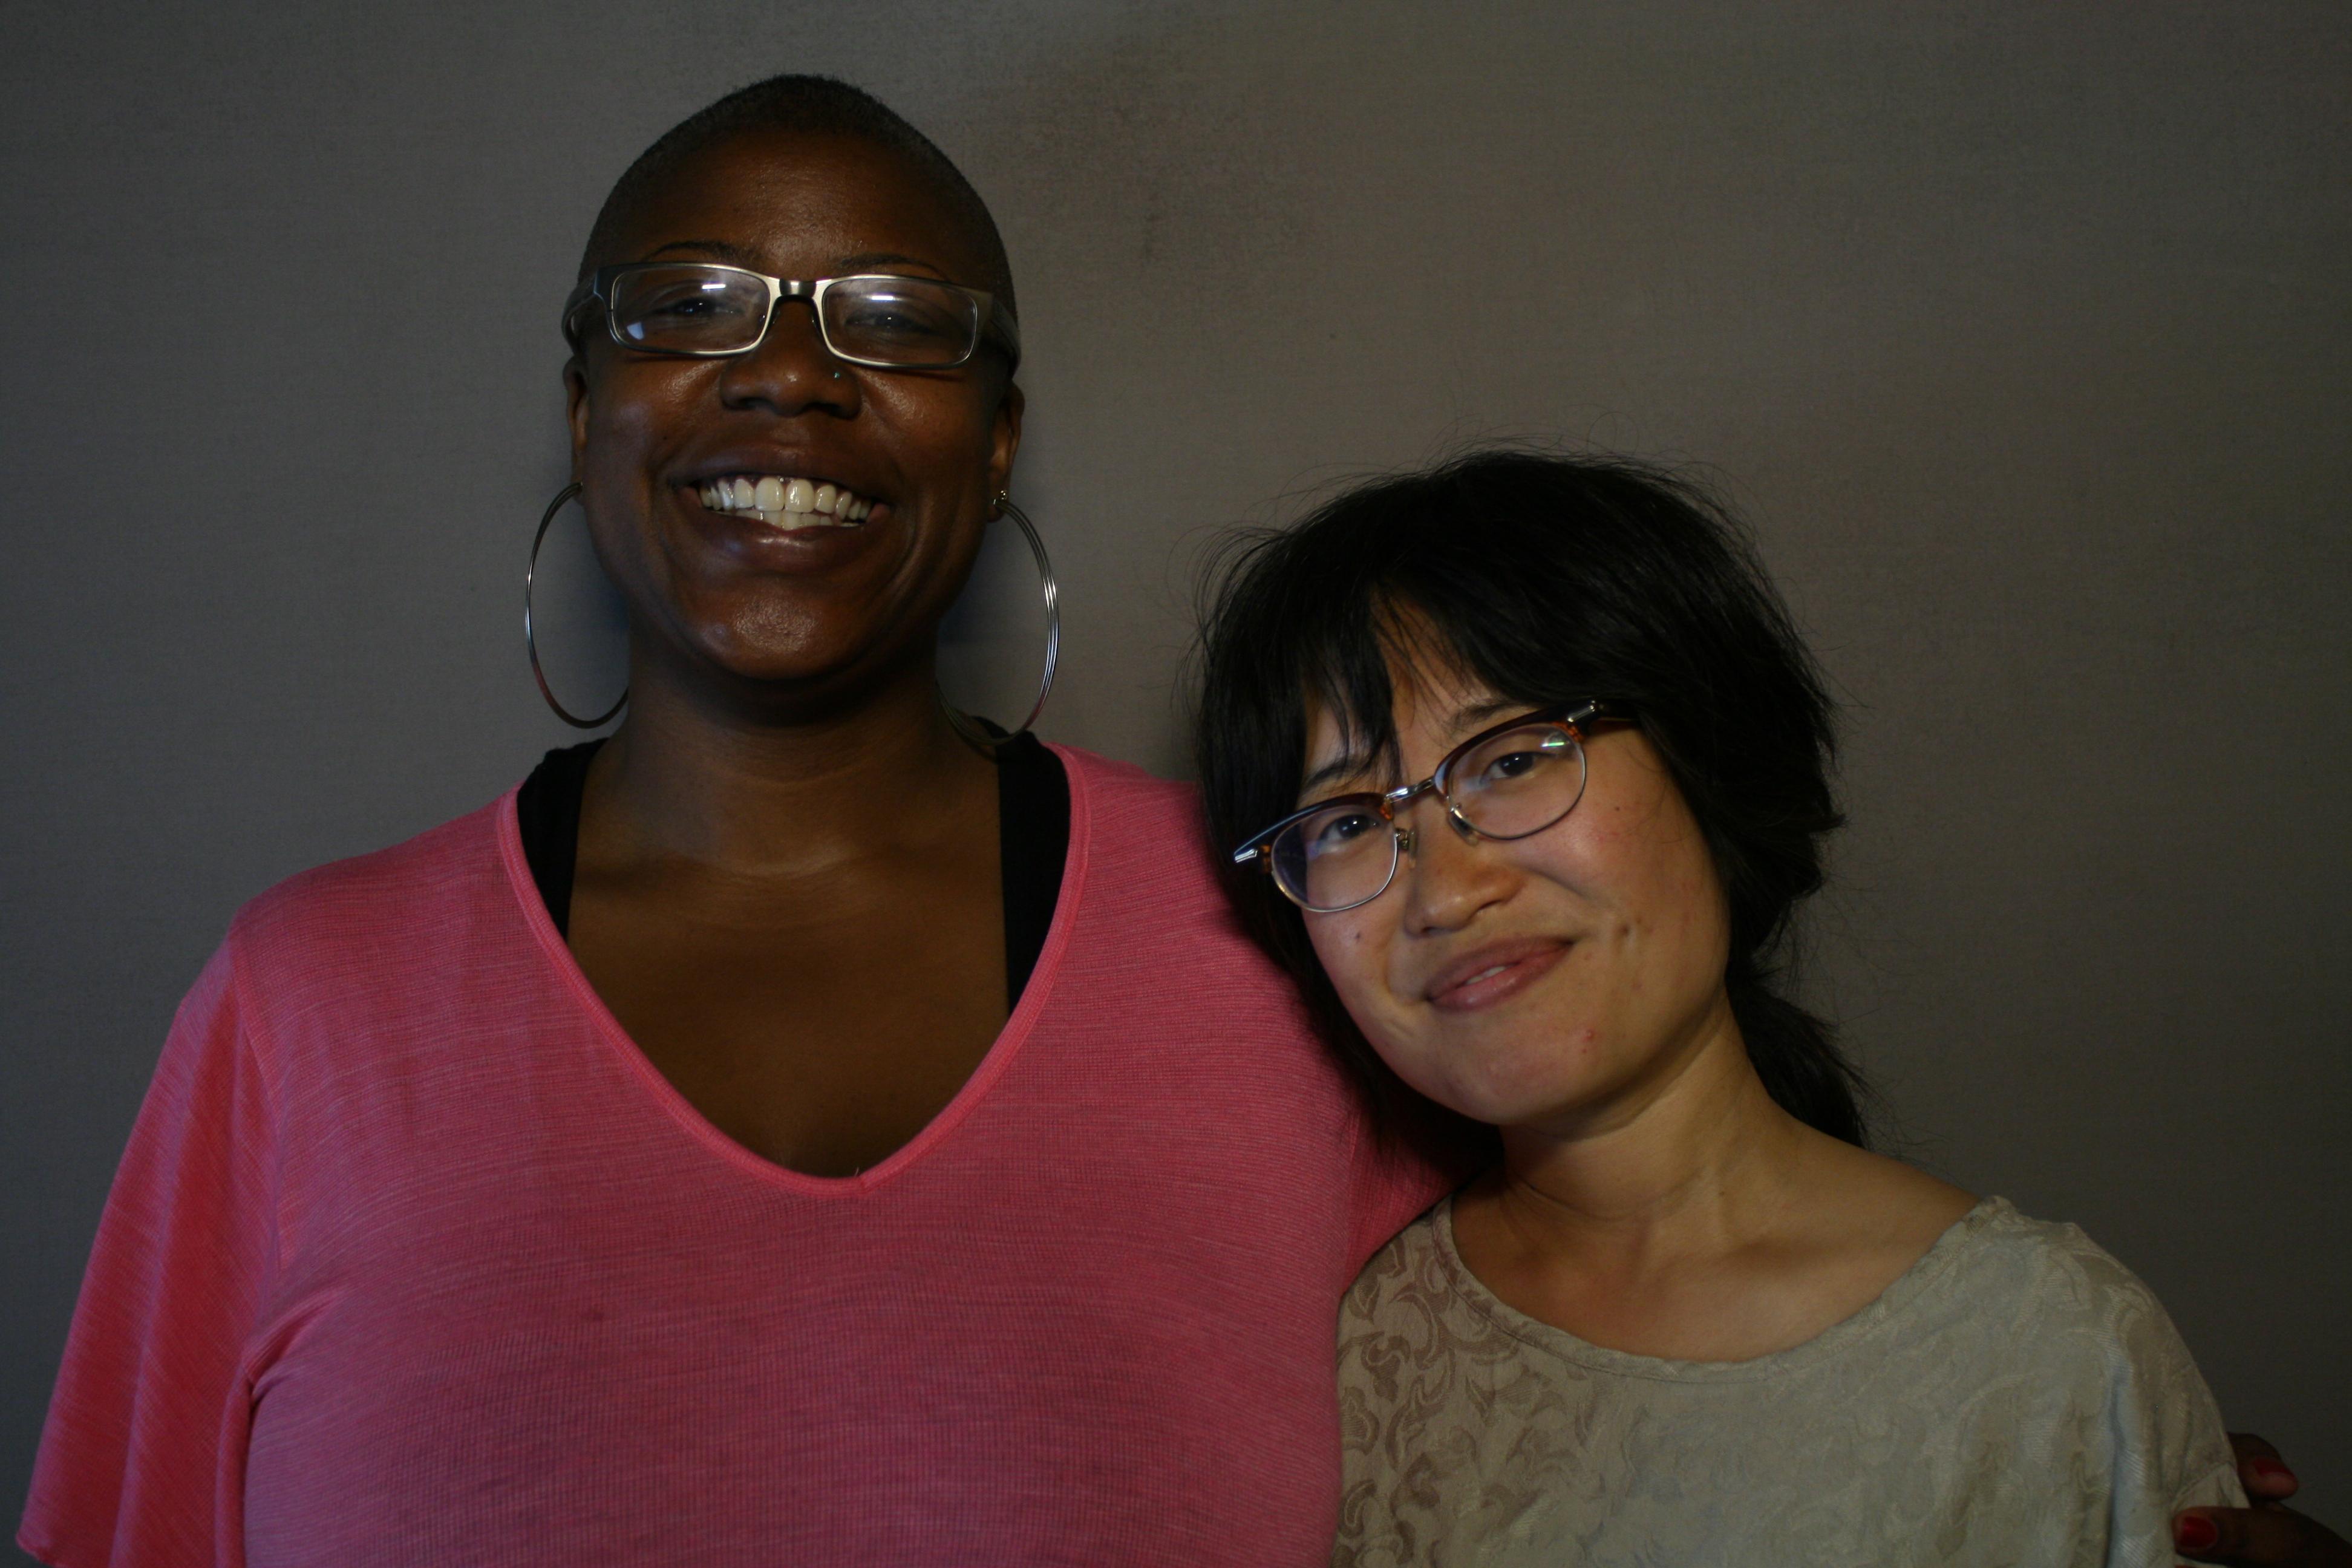 Aiesha Turman and Susan Lee